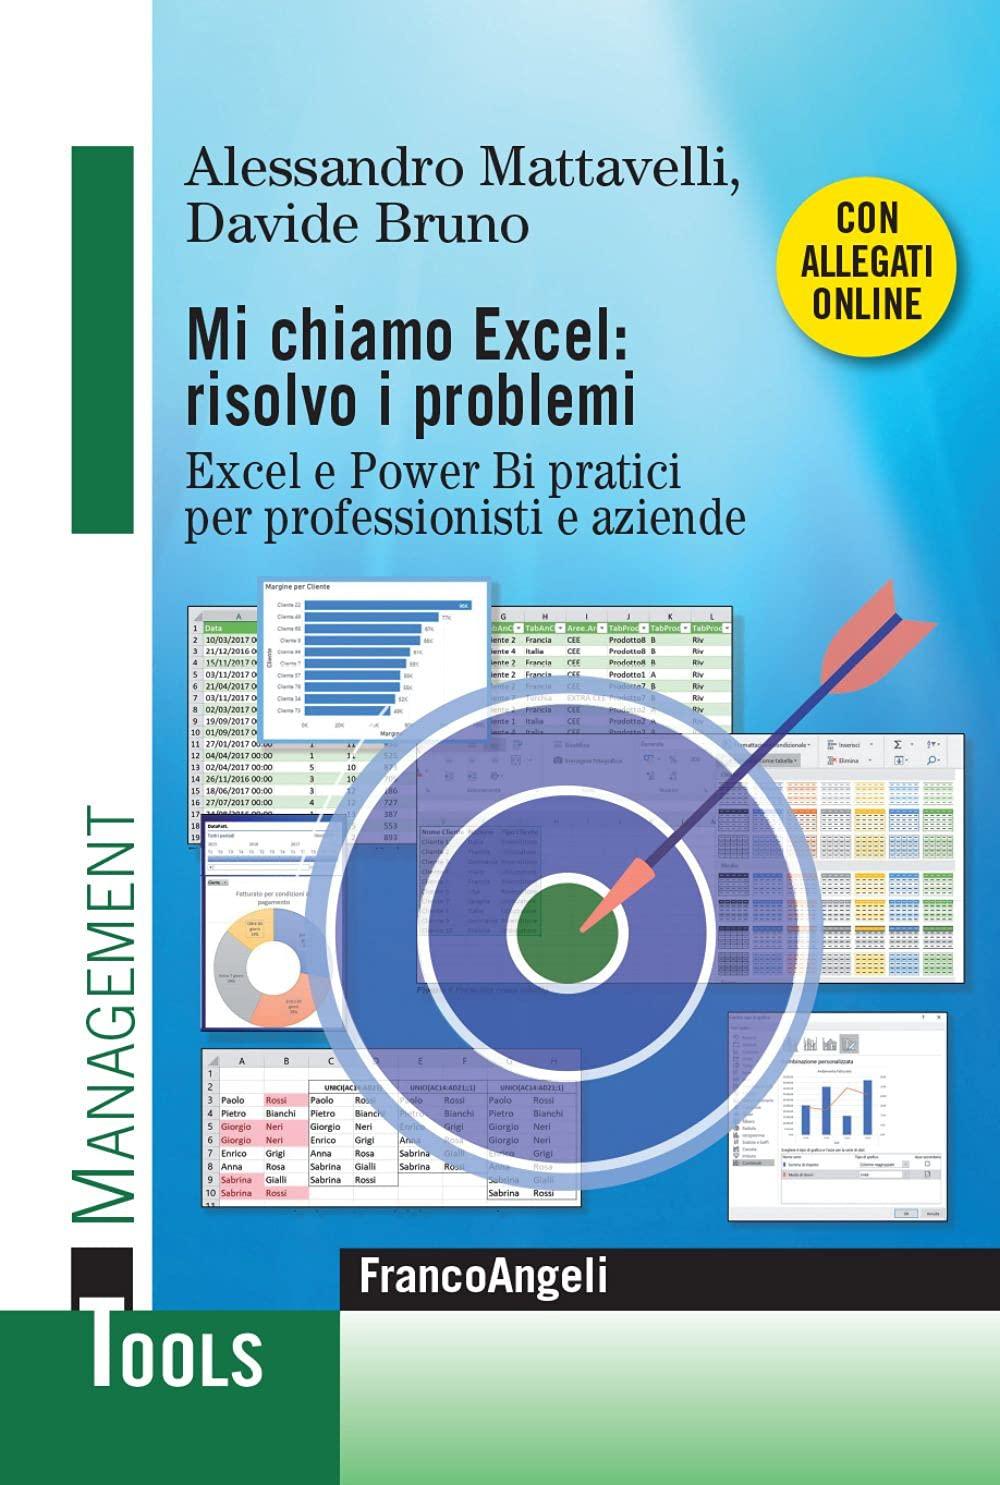 Mi chiamo Excel: risolvo i problemi. Excel e Power Bi pratici per professionisti e aziende